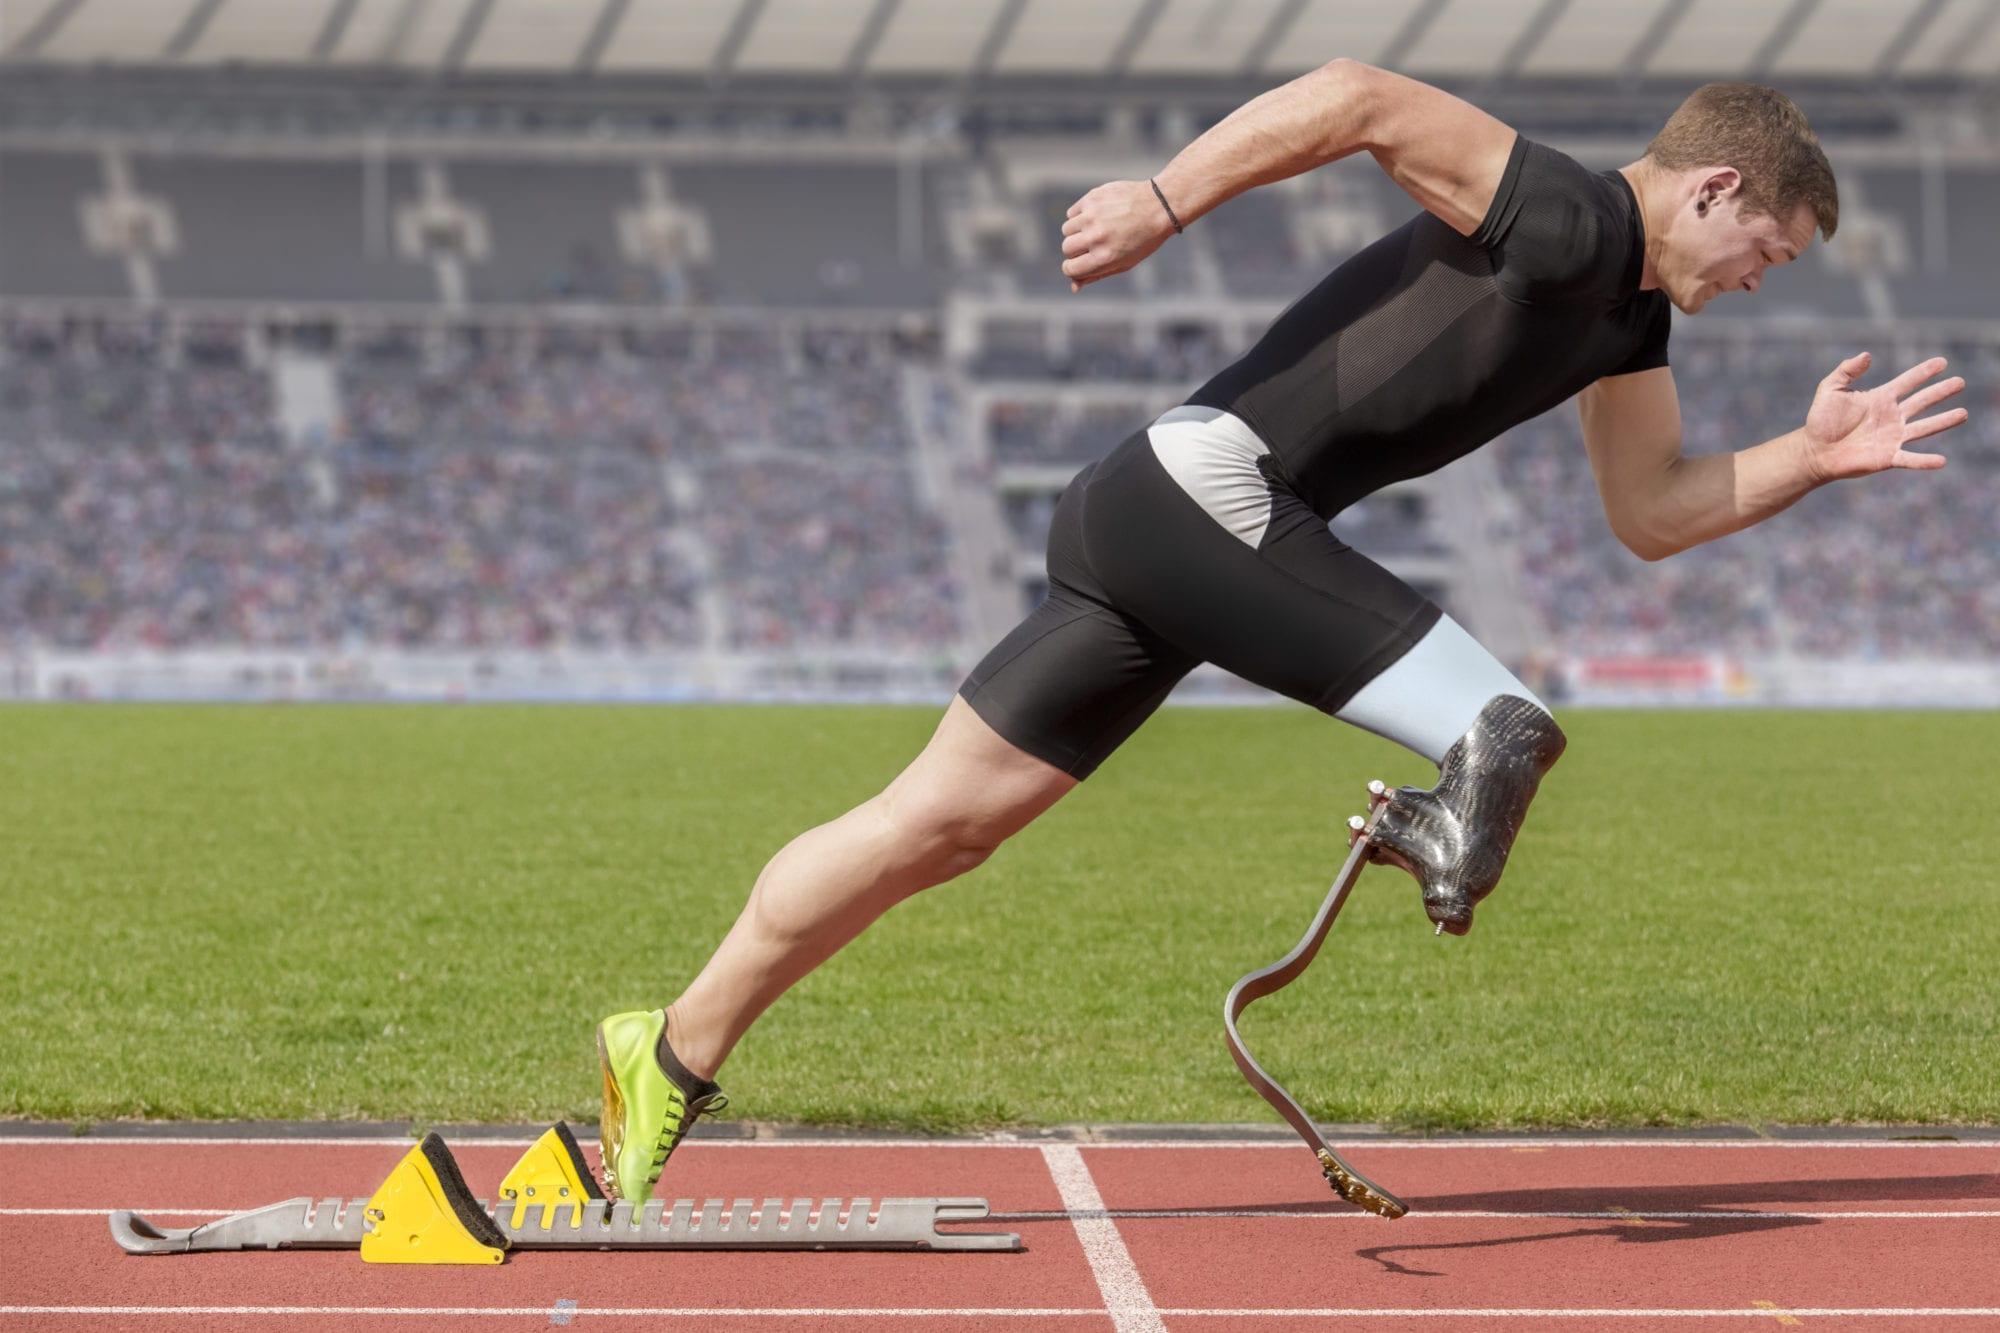 Disabled sprinter start block - Disabled athlete - SADI